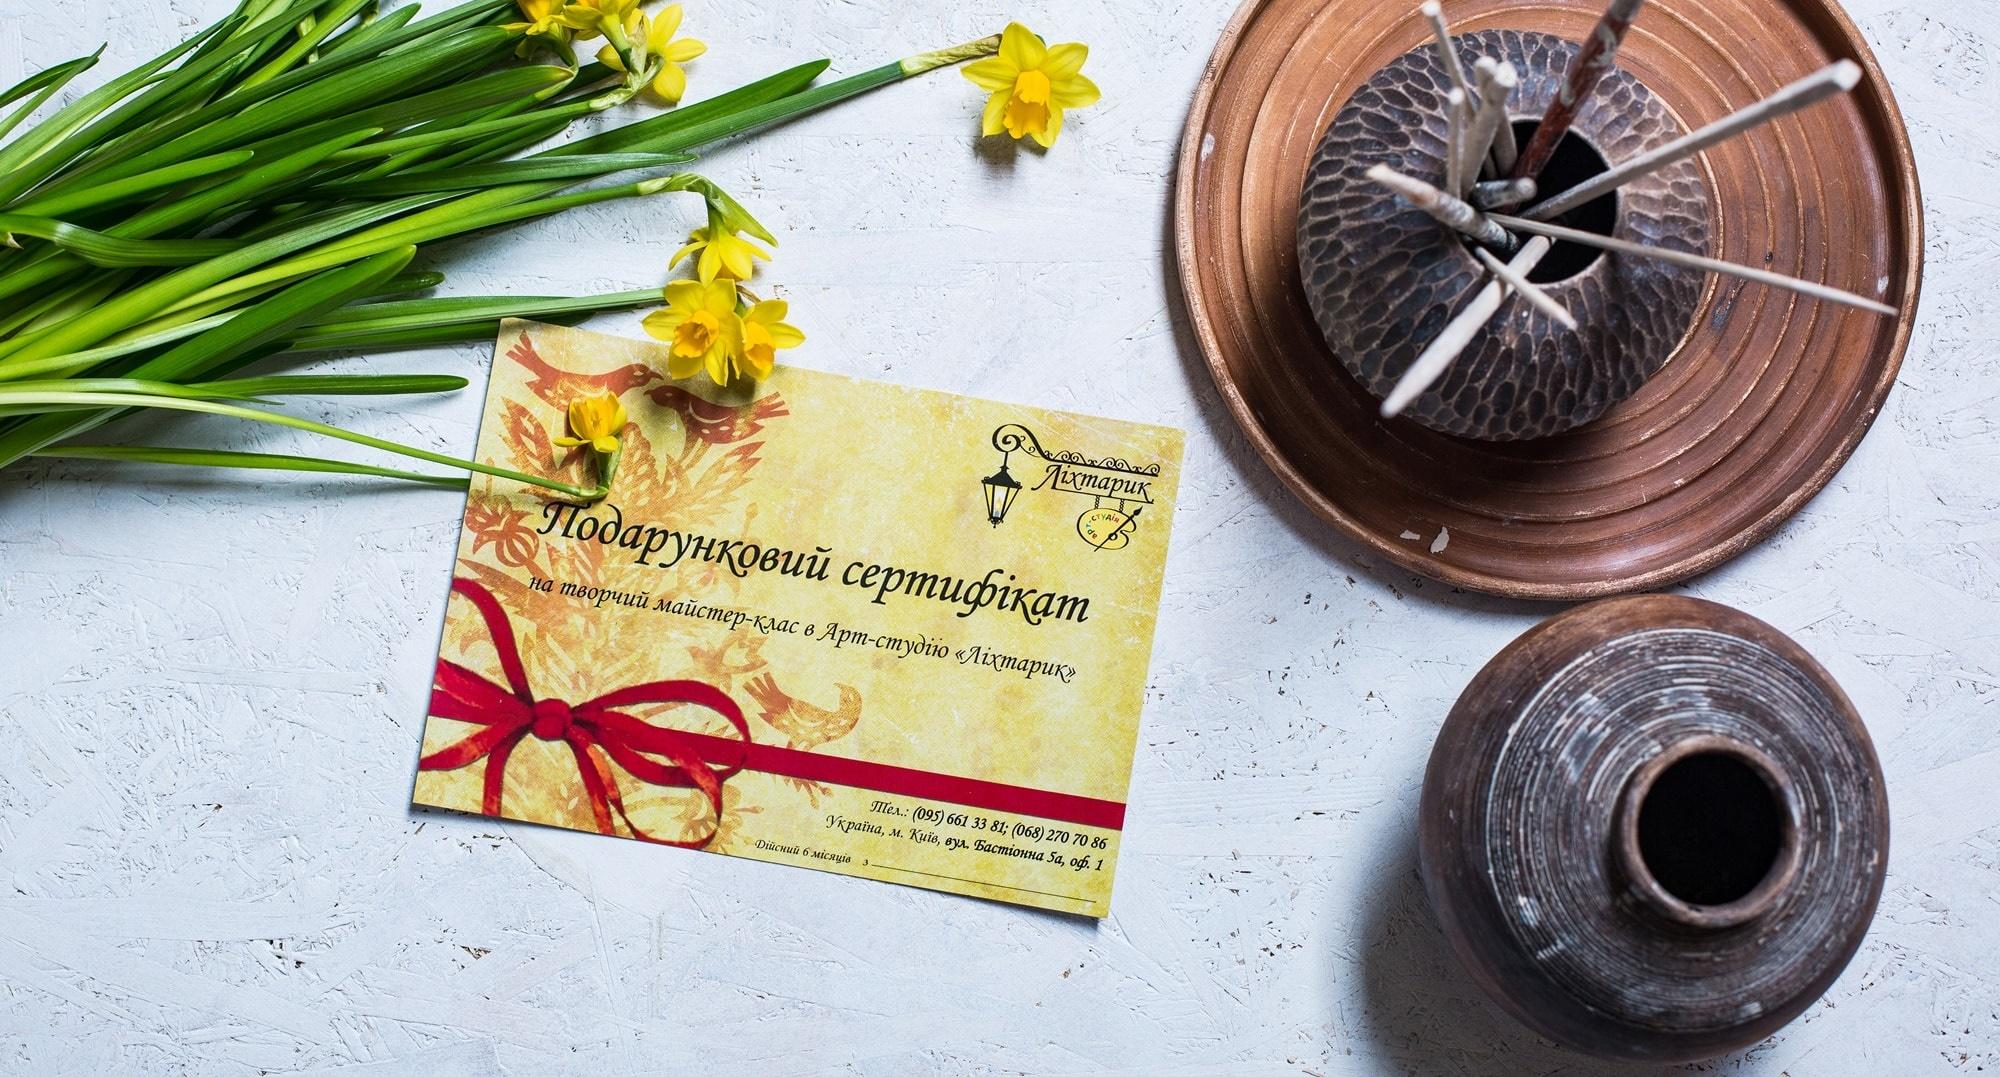 Подарунковий сертифікат для батьків